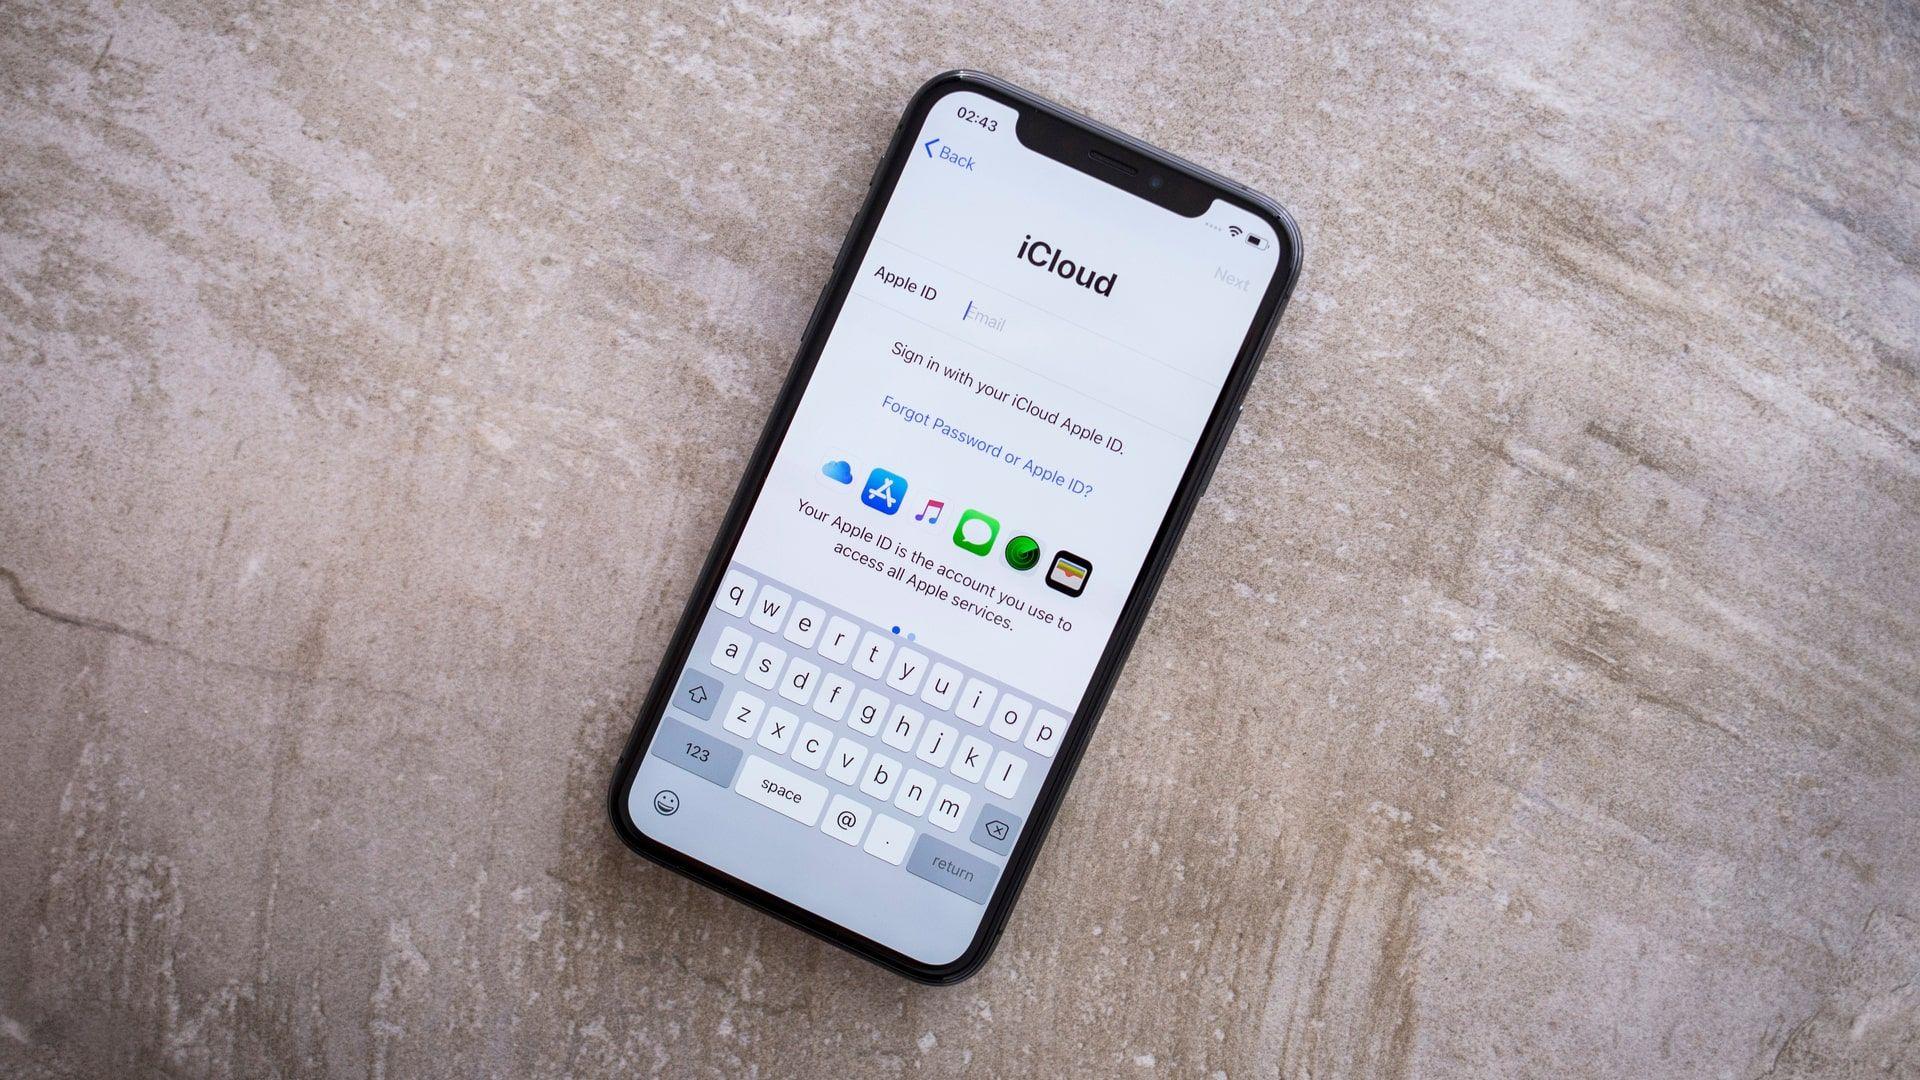 Como apagar fotos do iCloud? Veja dicas para o iPhone e computador (Foto: Shutterstock)